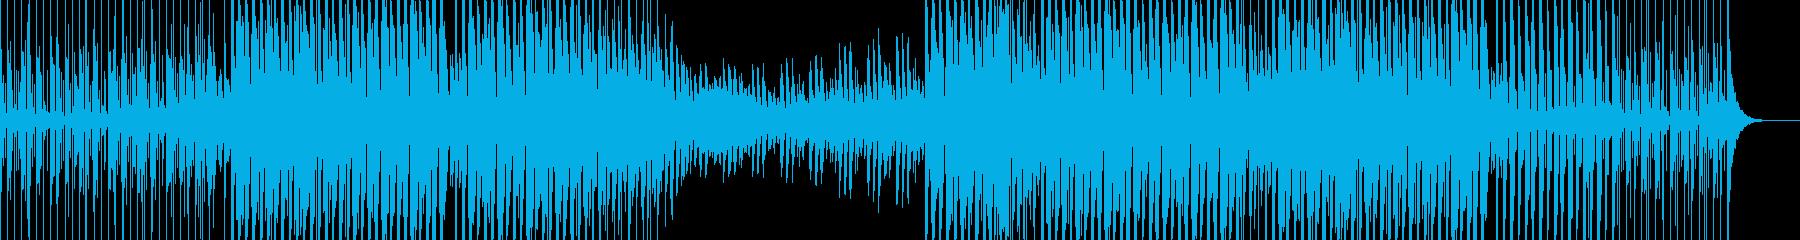 南国/ハワイ/トロピカル/EDM/ダンスの再生済みの波形